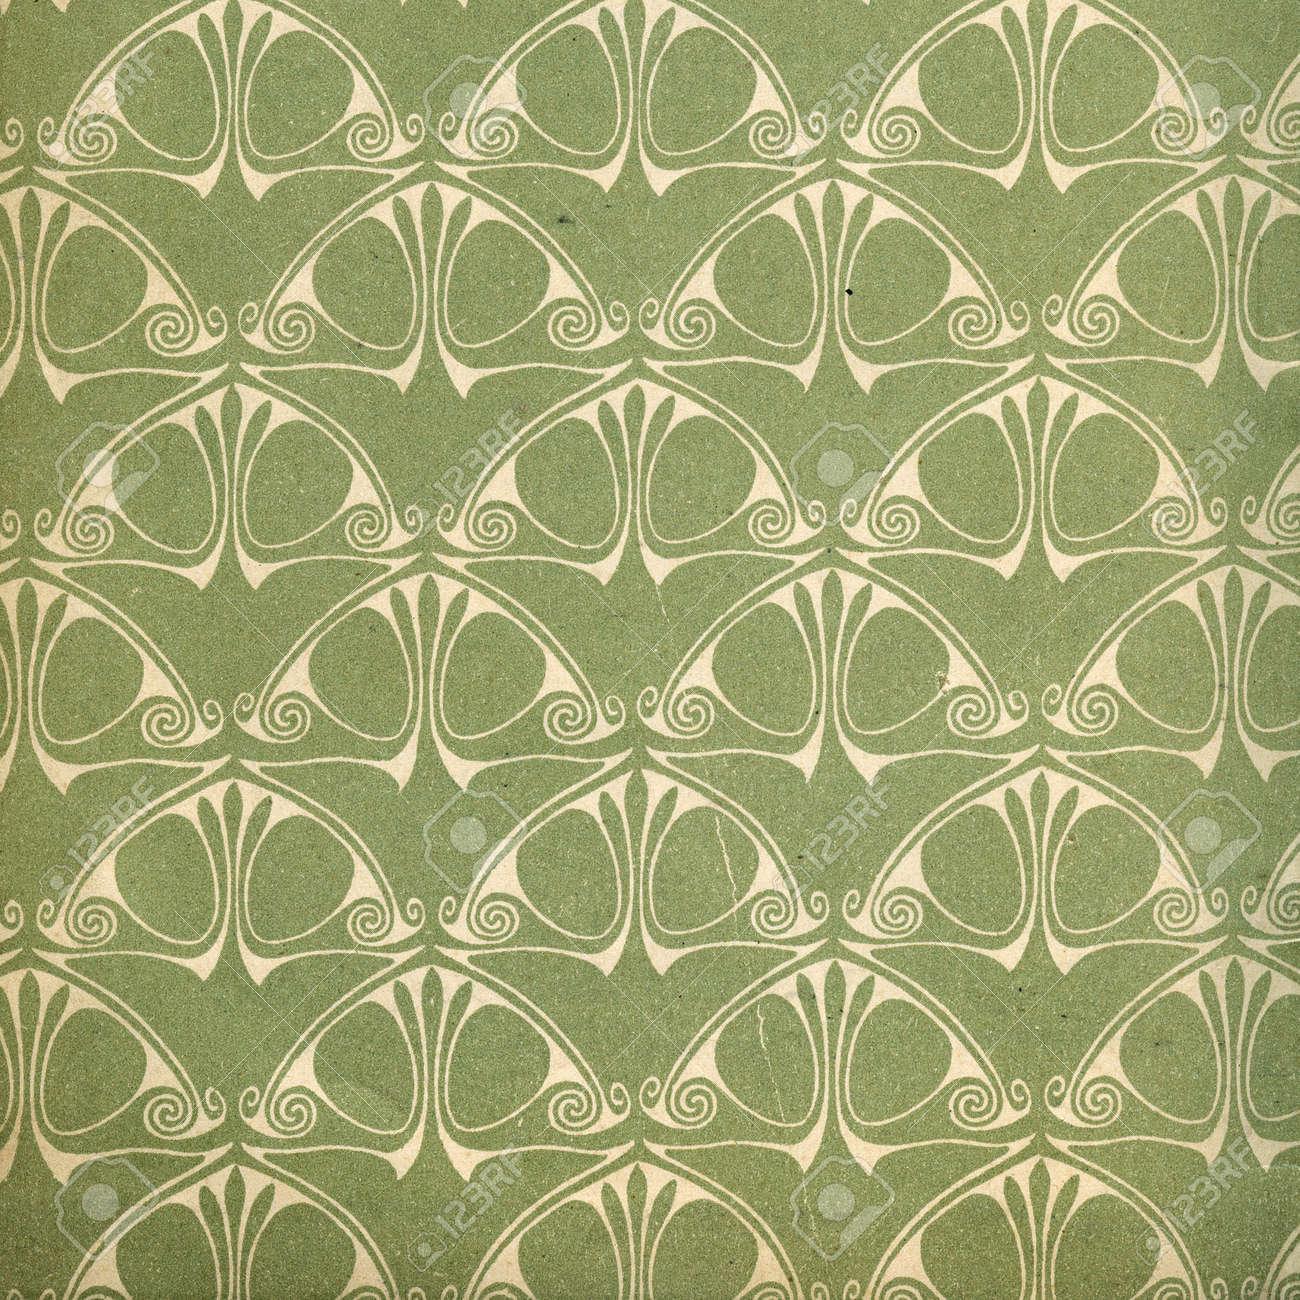 Used Vintage Wallpaper - Art Nouveau - Grainy Surface Stock Photo ...